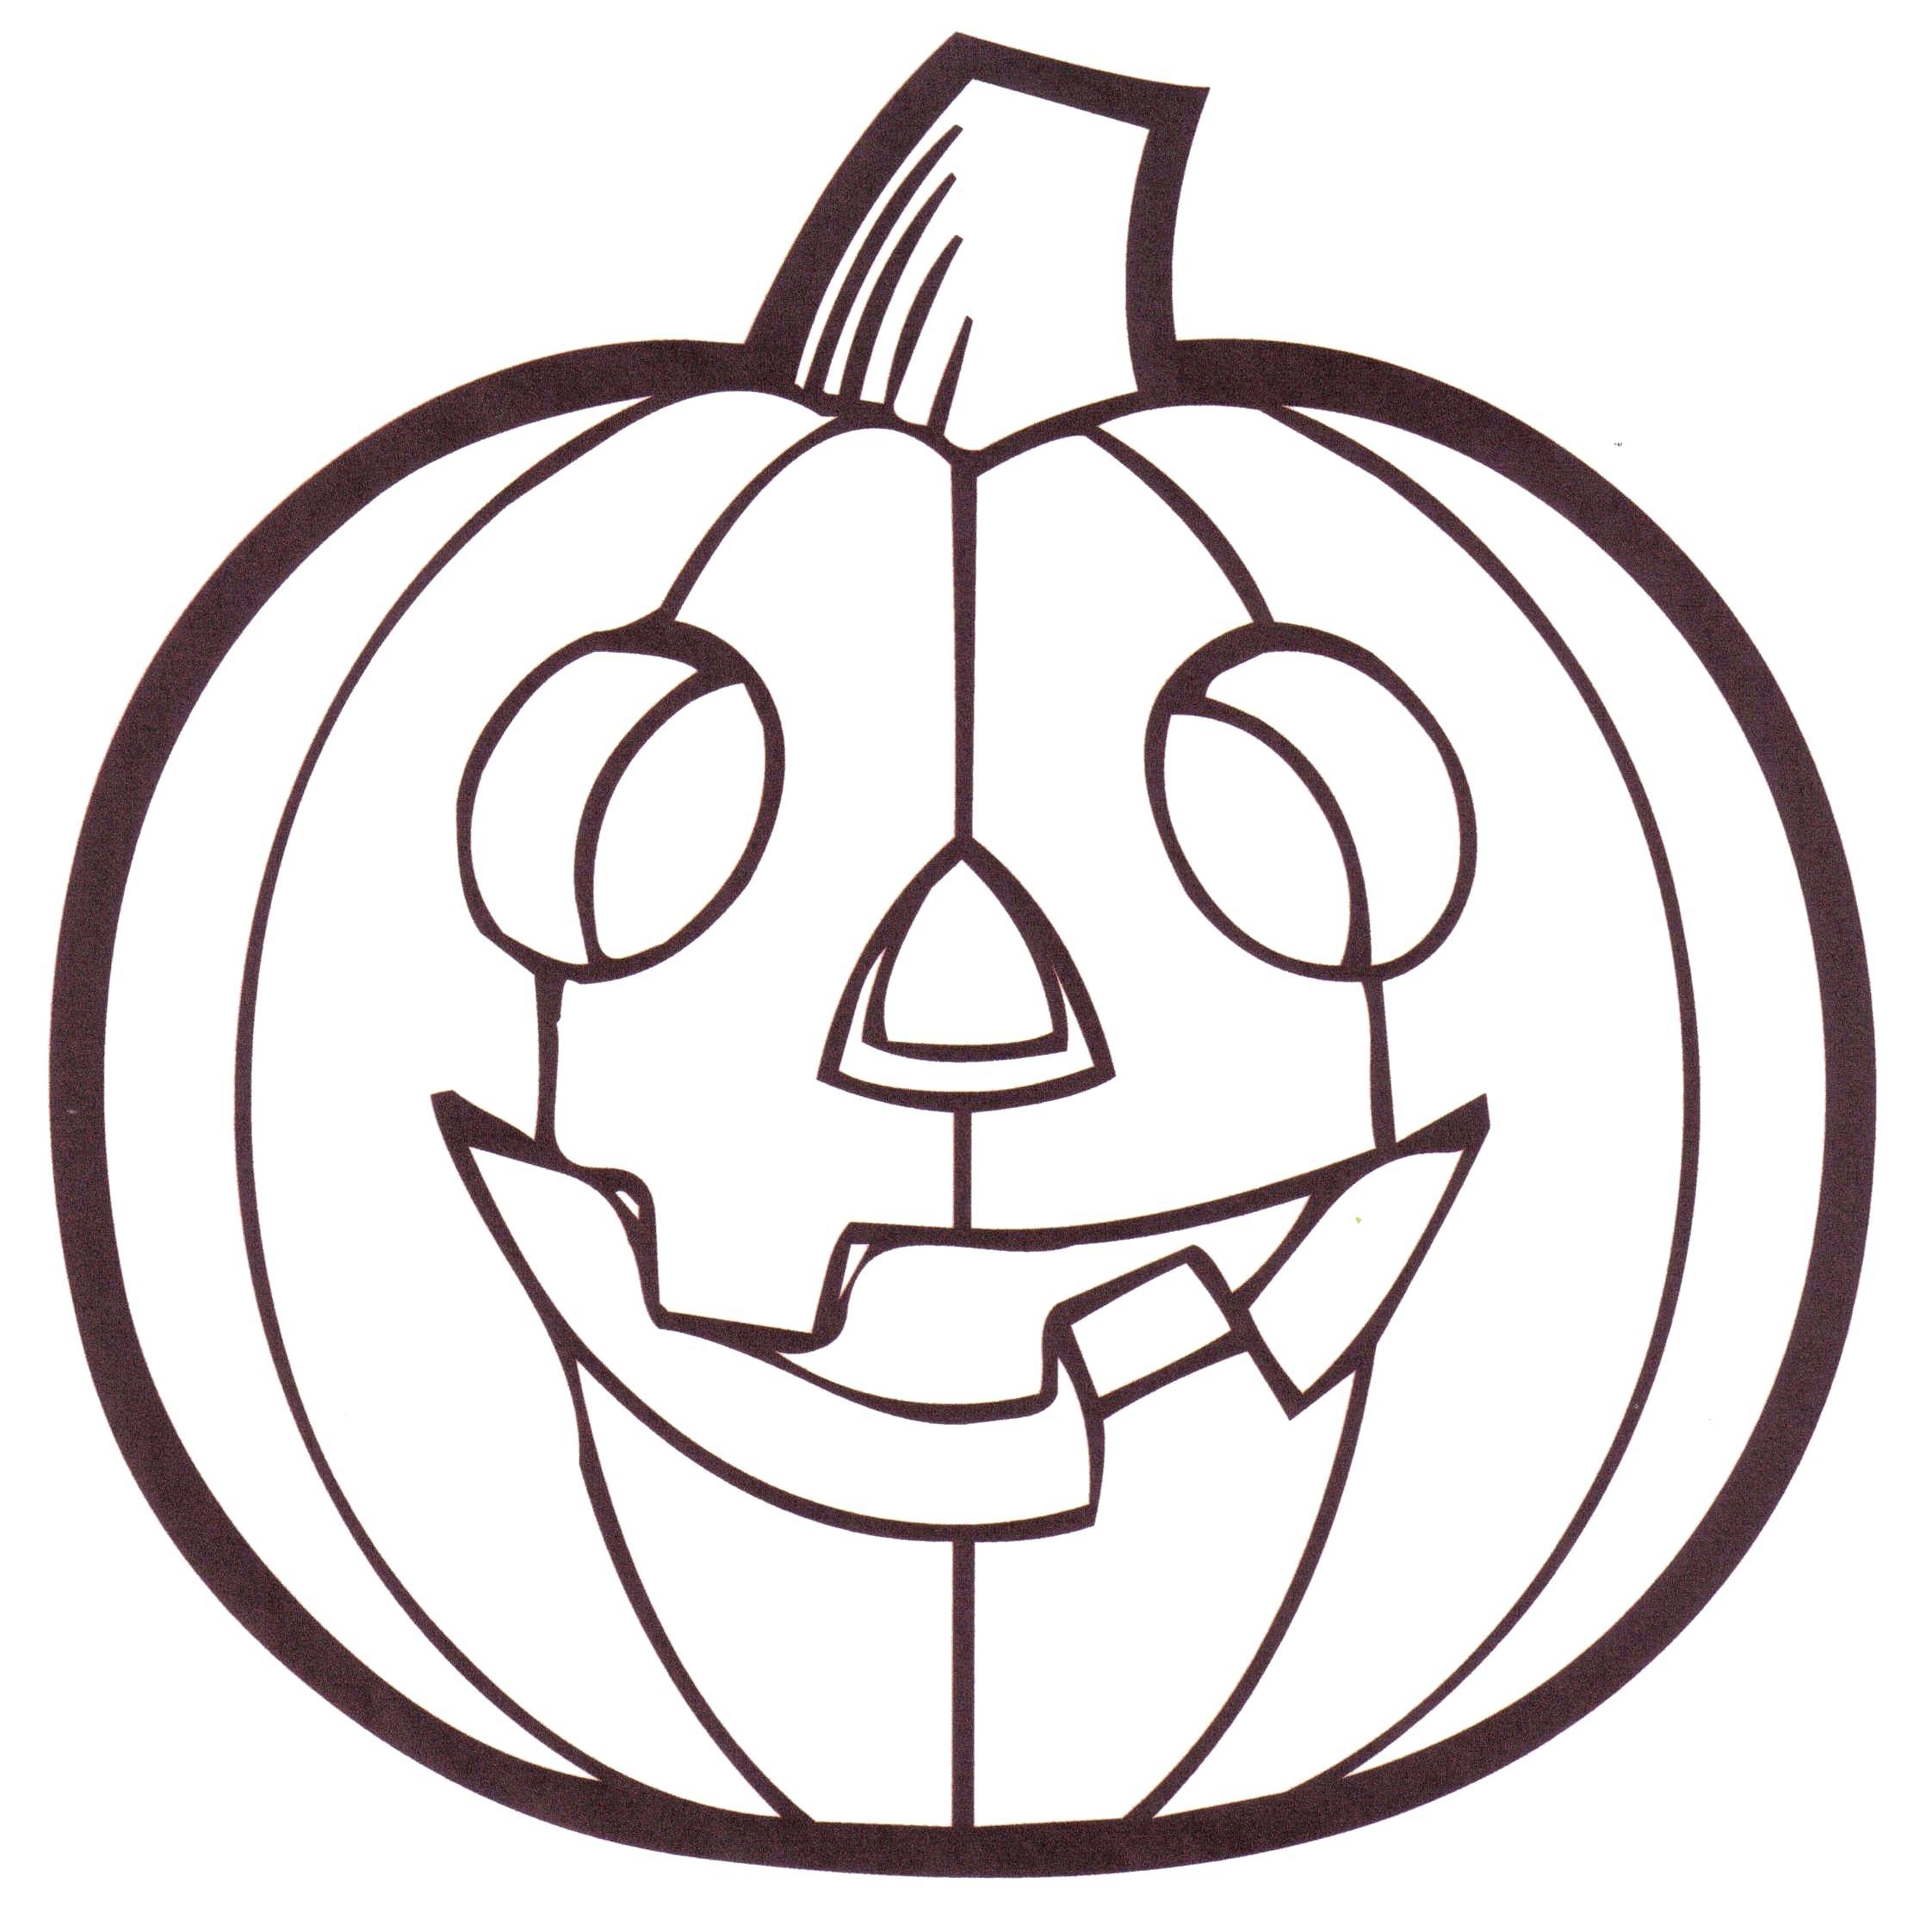 2230x2244 Coloring Pumpkin Patch Coloring Page Parable Pages. Pumpkin Patch